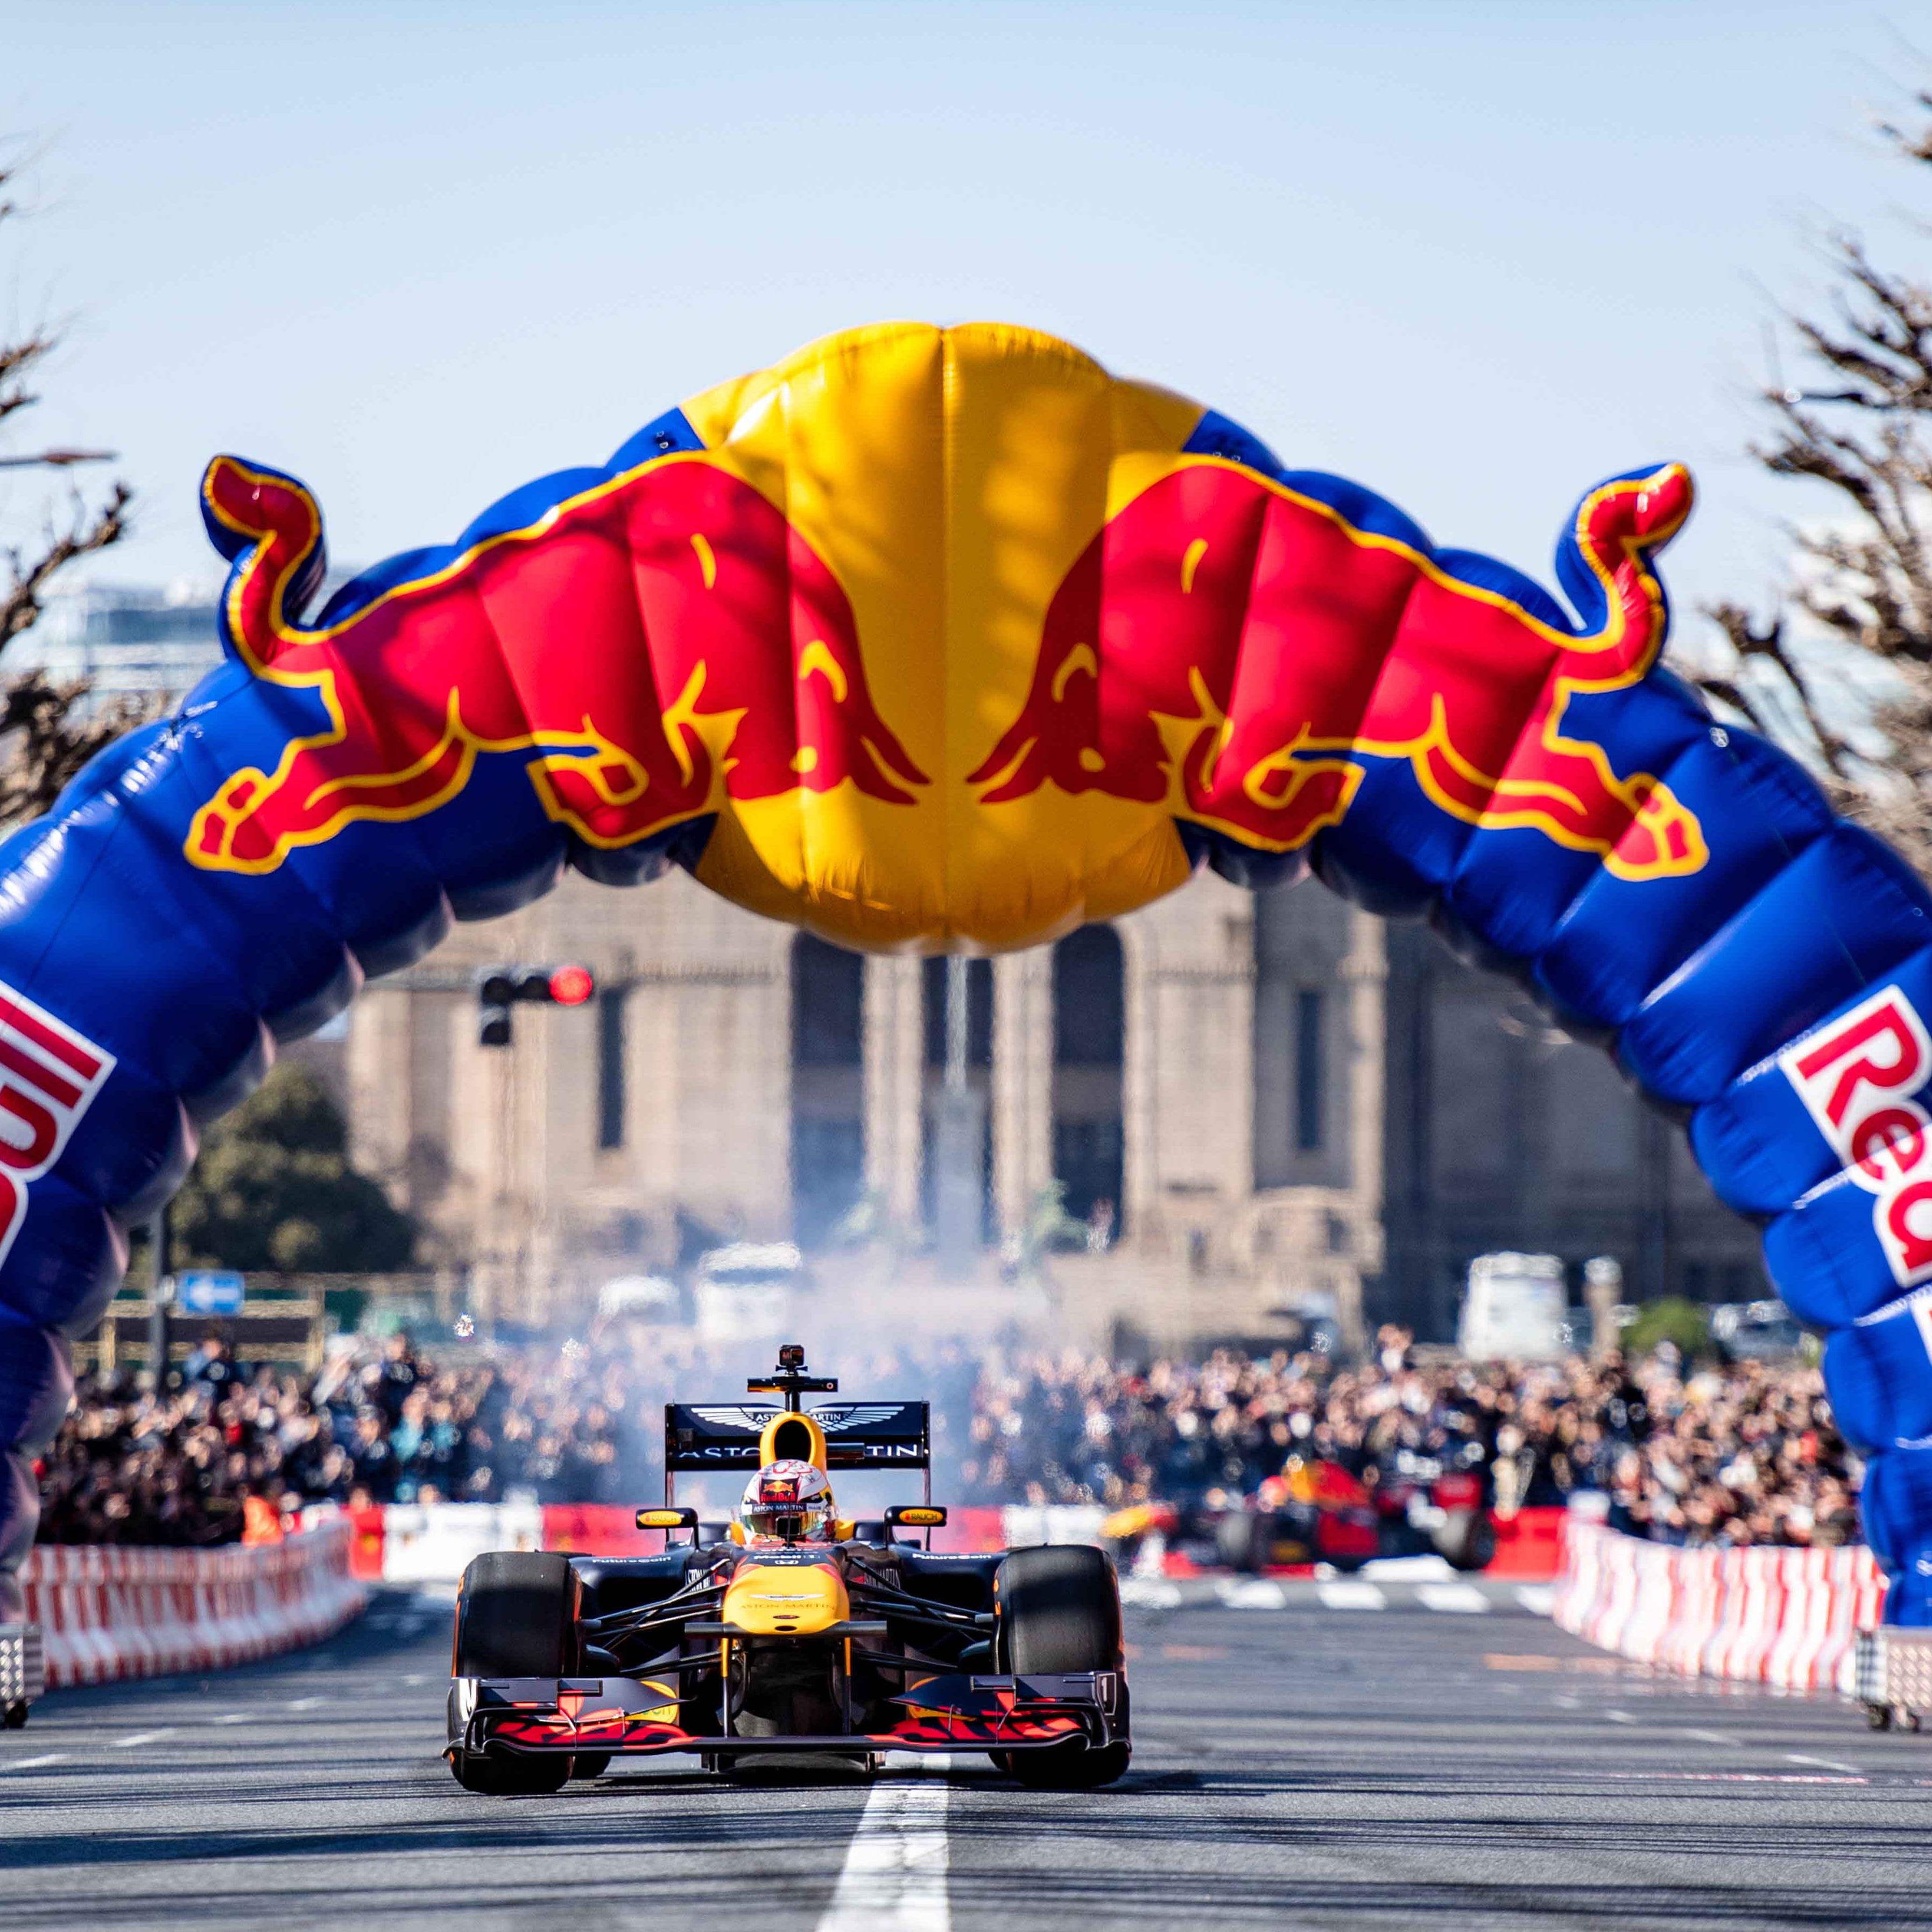 真實還原 F1 飆速快感!「2020 RED BULL RACING F1 SHOWRUN」即將空降台北街頭